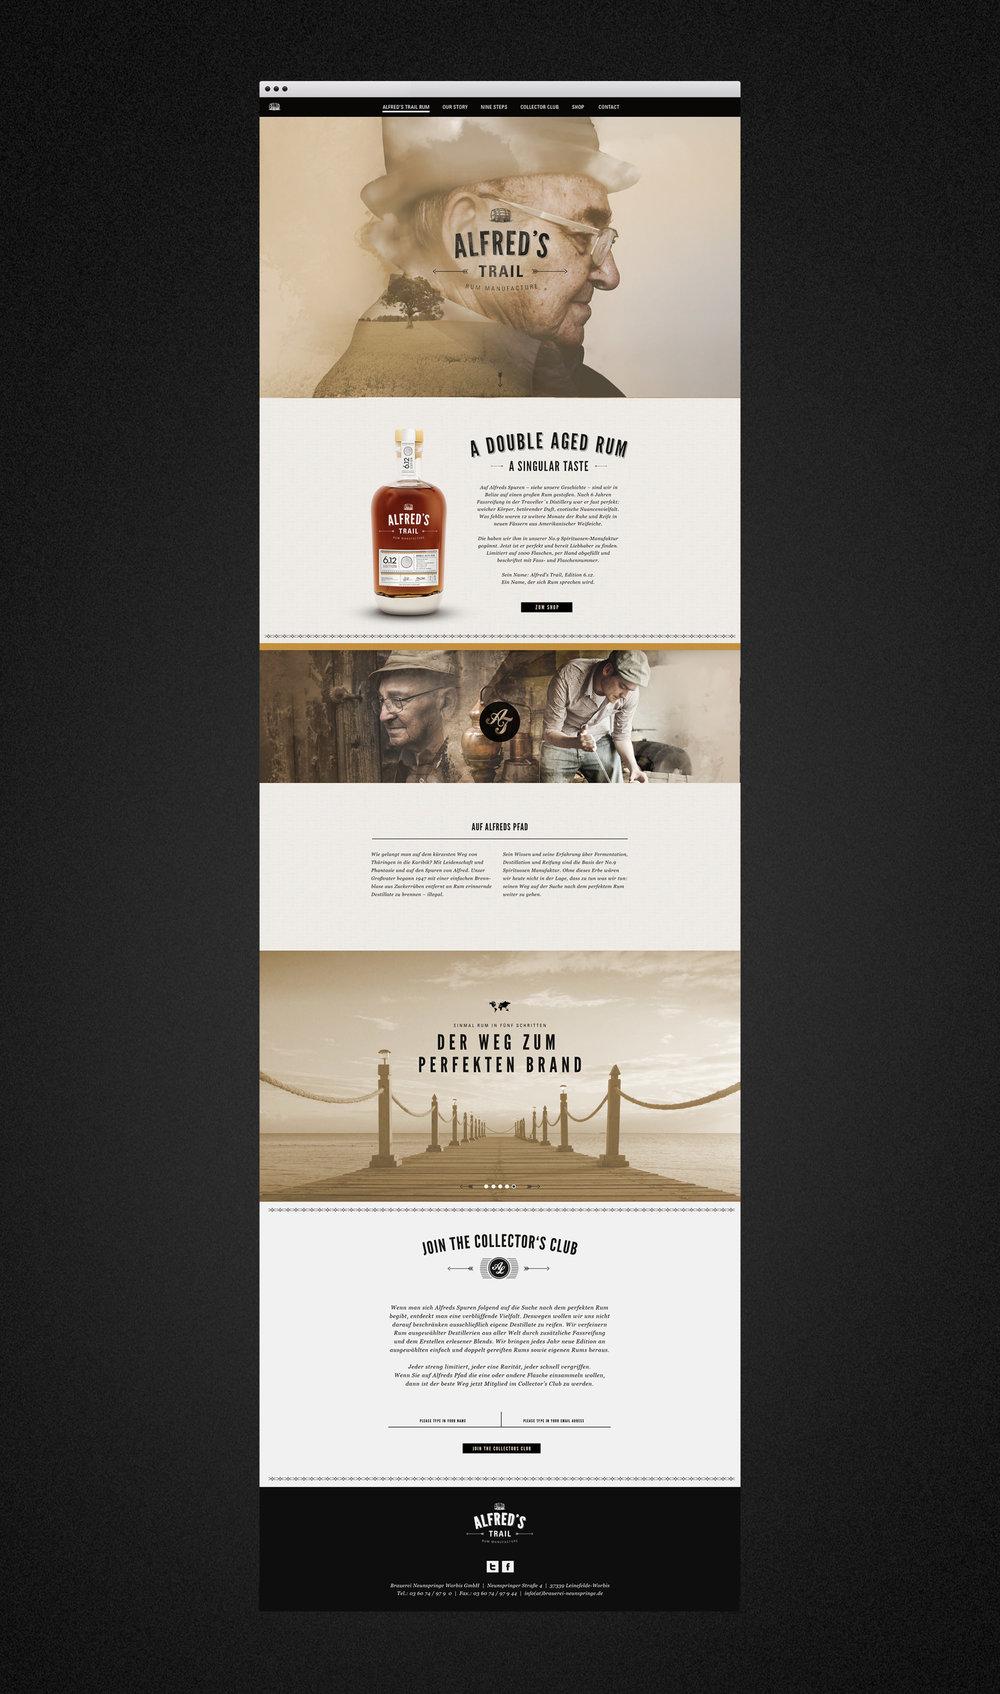 Web Design für die Webseite von Alfred´s Trail Rum Manufacture / Number Nine Spirituosenmanufaktur. Gestaltung und Umsetzung von dem Designstudiosons of ipanema aus Köln.